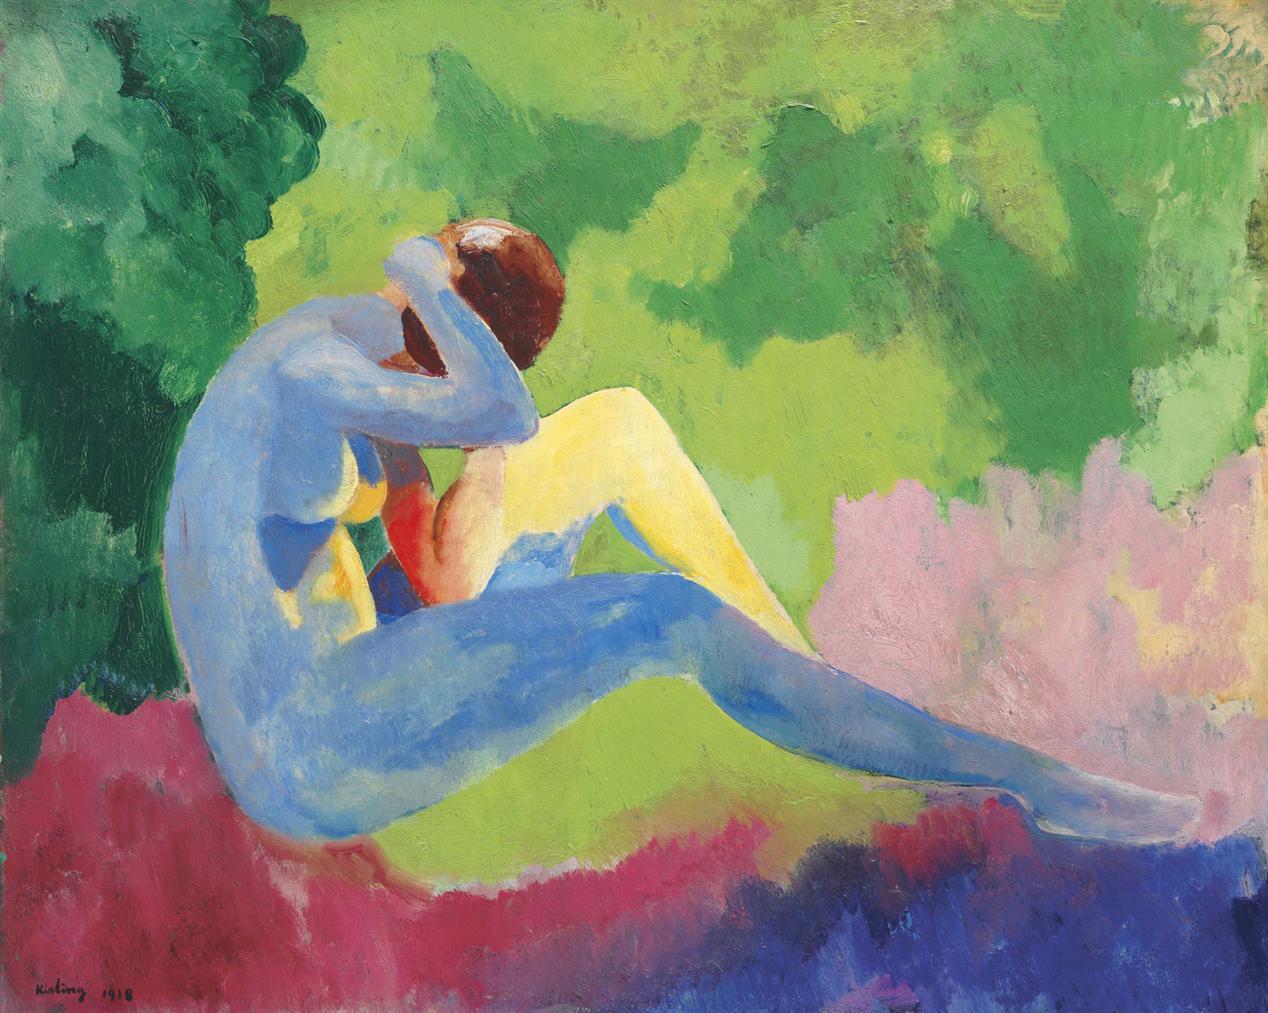 Moise Kisling-Nu Dans Le Paysage-1918